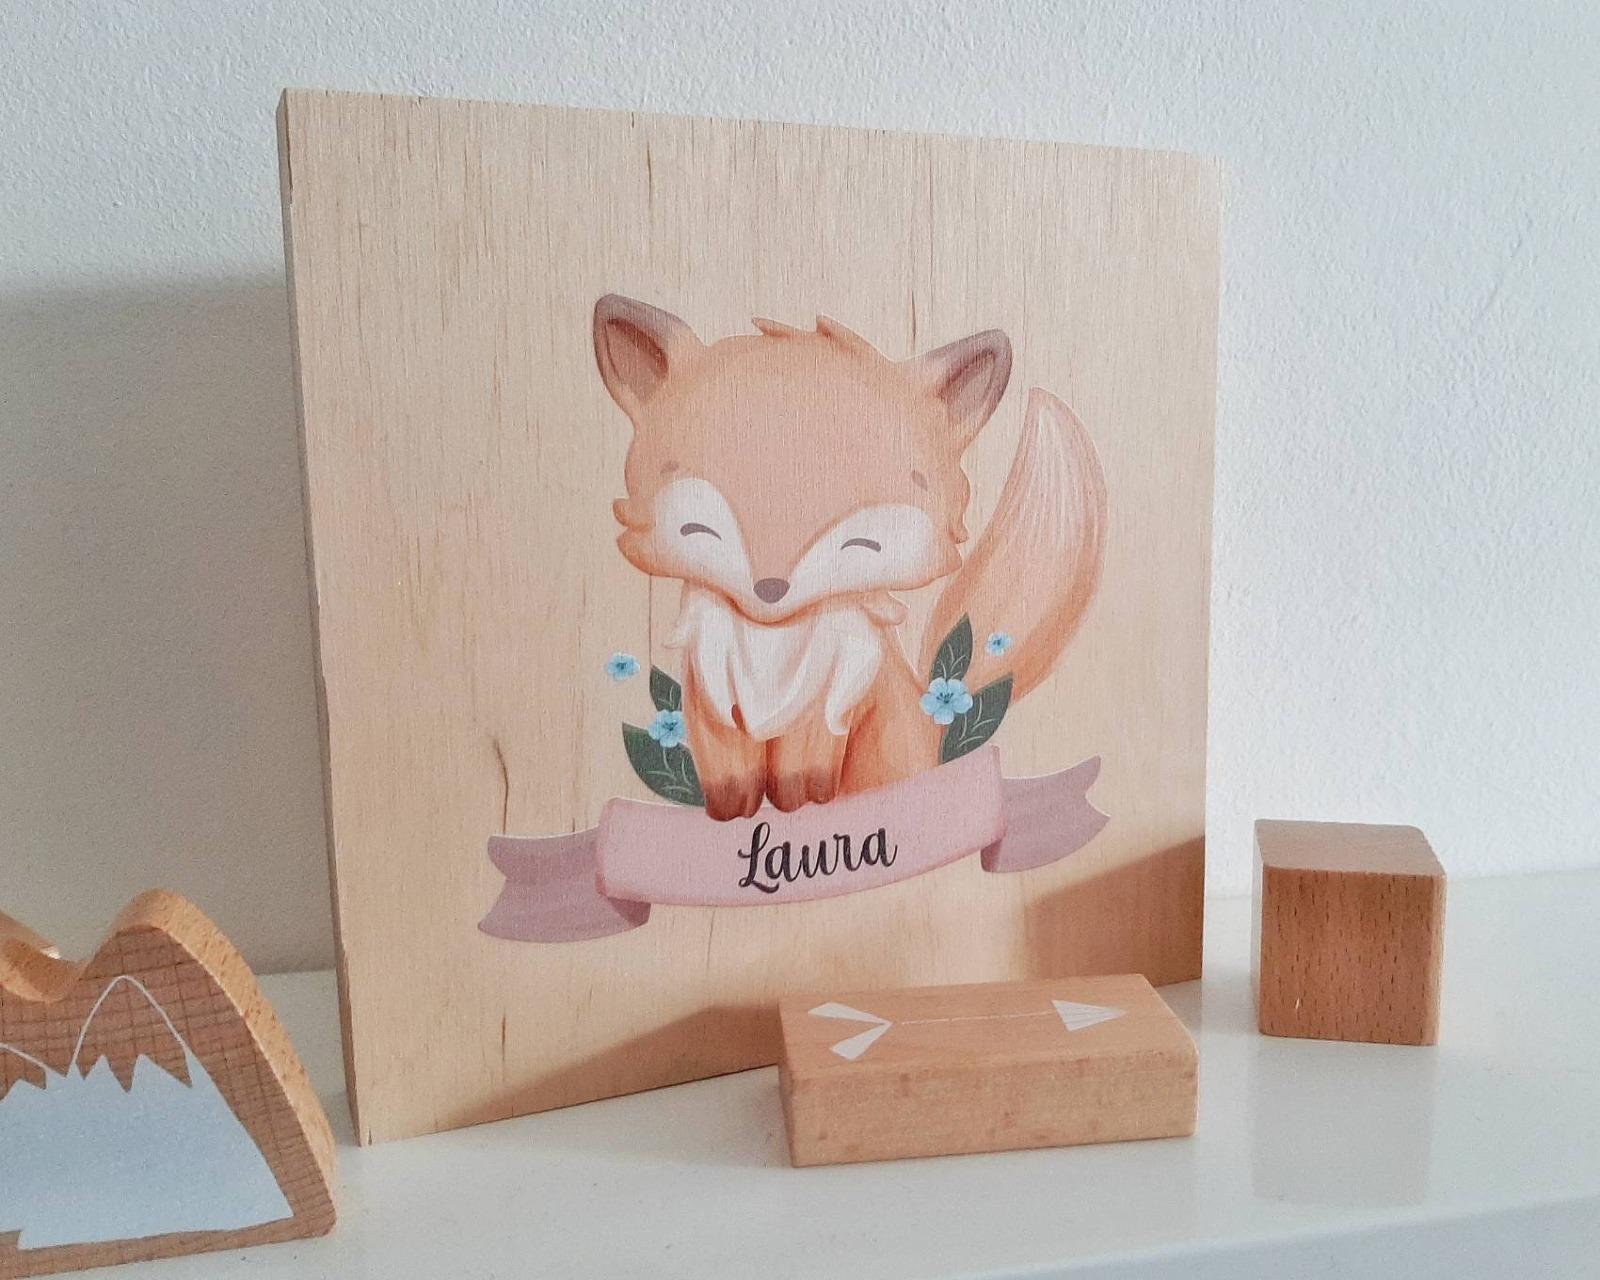 Tier-Bild mit Kindernamen personalisiert